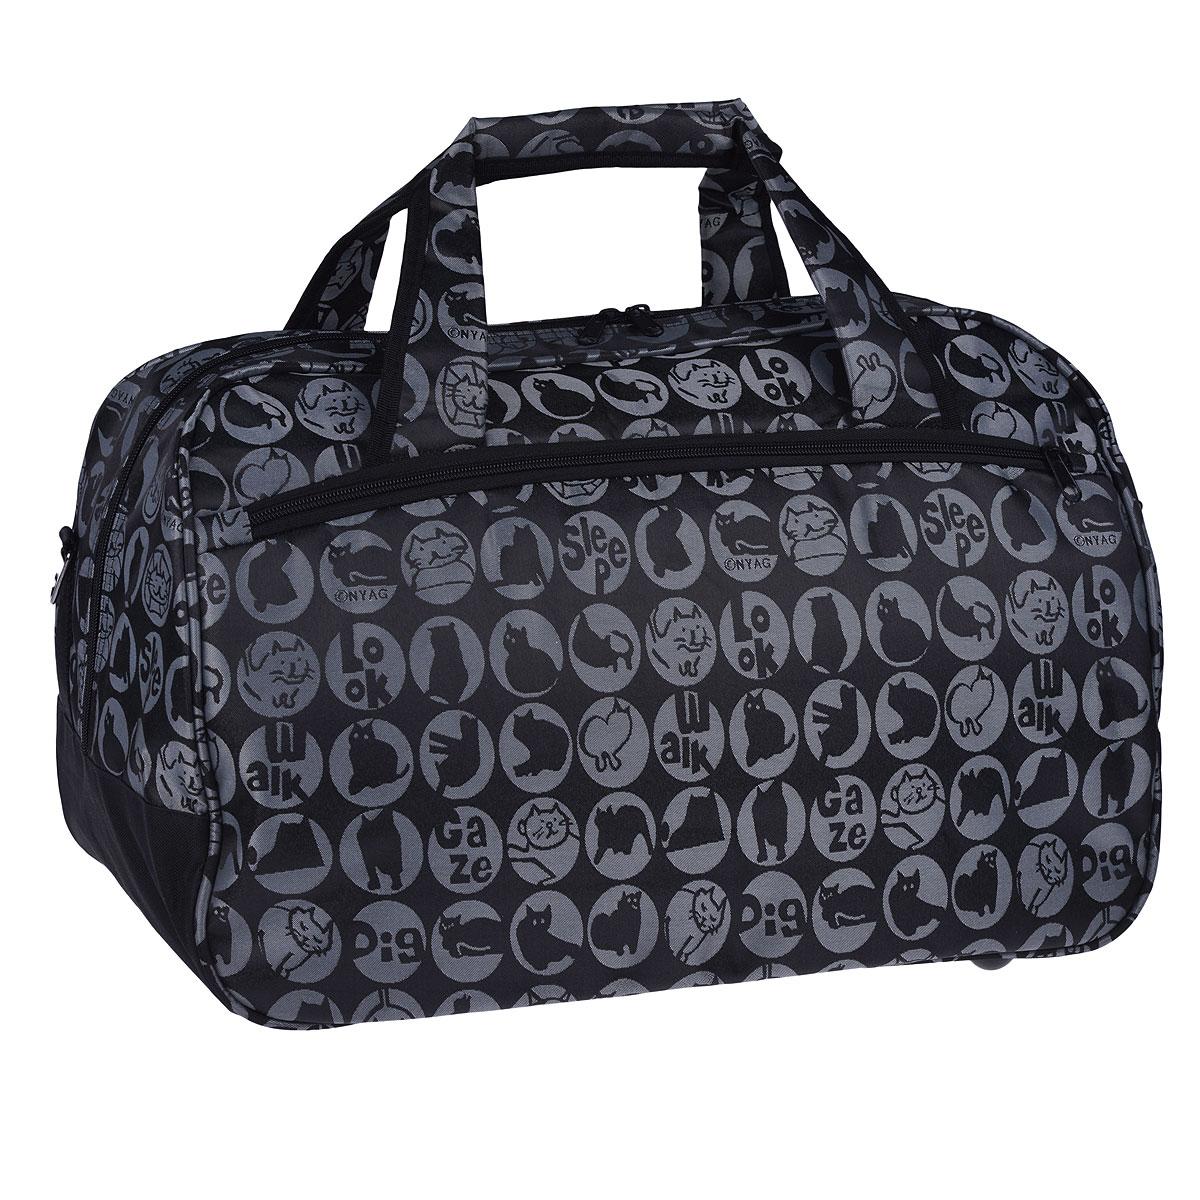 Сумка дорожная Antan Кошки, цвет: черный. 2-17L2-17L кошкиСтильная дорожная сумка Antan выполнена из плотного полиэстера и оформлена принтом с изображением кошек. Сумка имеет одно вместительное отделение, закрывающееся на застежку-молнию. Внутри - вшитый карман на молнии и два накладных сетчтых кармана. На лицевой и тыльной сторонах сумки расположены дополнительные карманы на молниях. Сумка оснащена двумя удобными ручками. В комплекте плечевой ремень регулируемой длины. Такая сумка будет незаменима в поездке или для похода в спортзал.